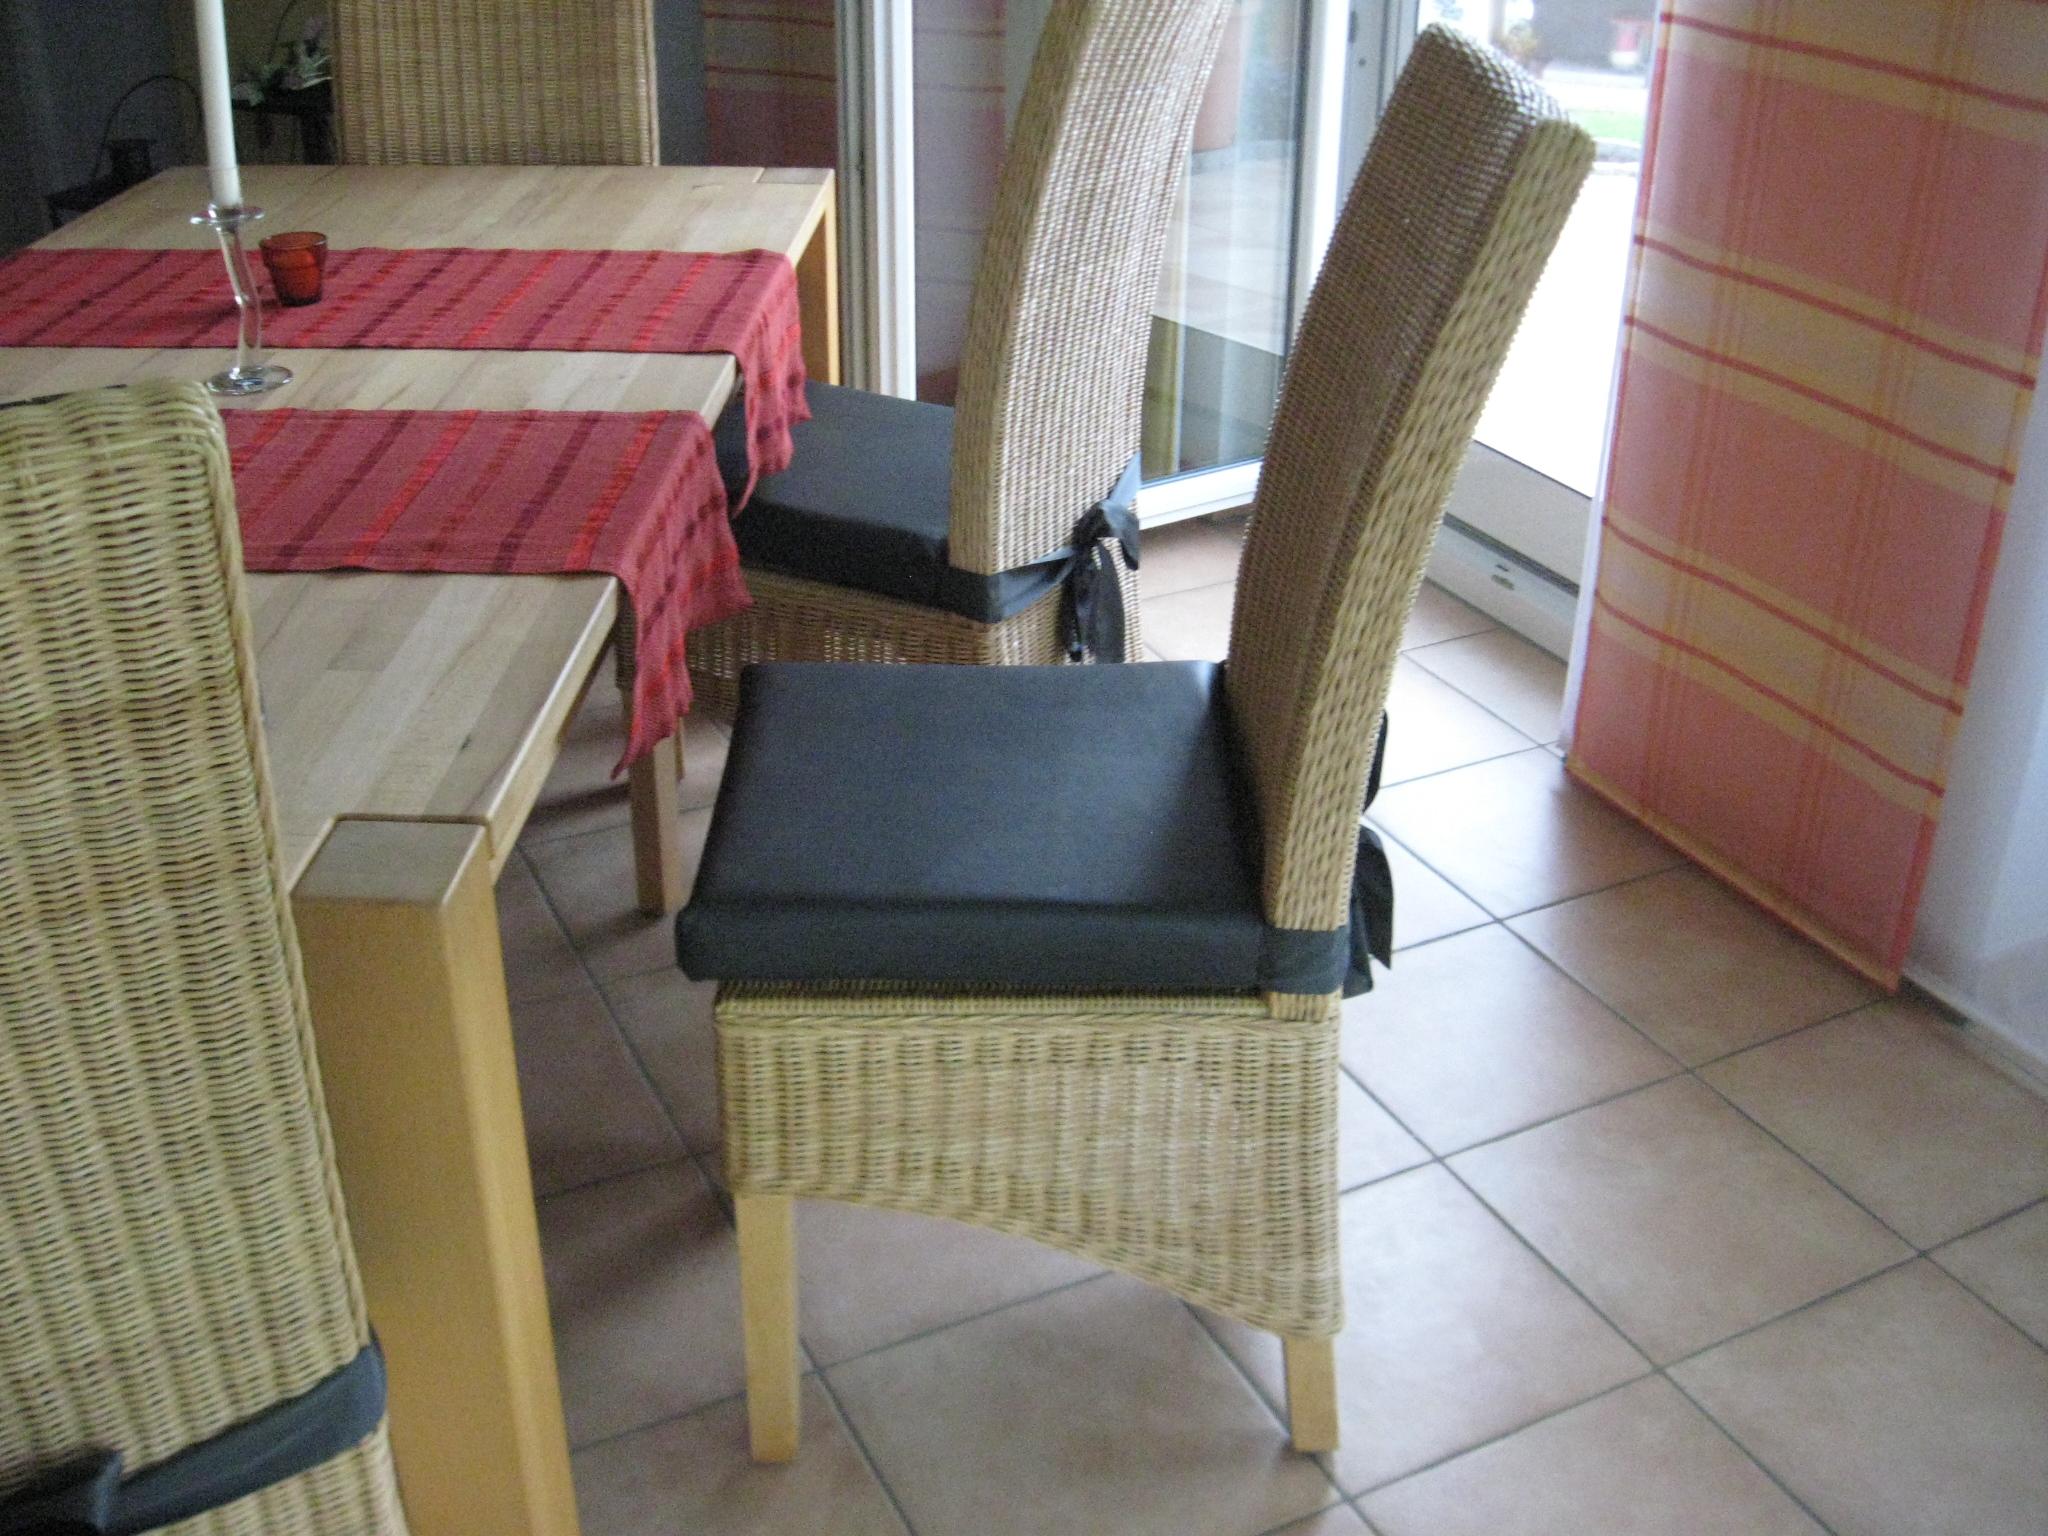 high quality leather upholstery handmade by leder klappert leder rh leder klappert de